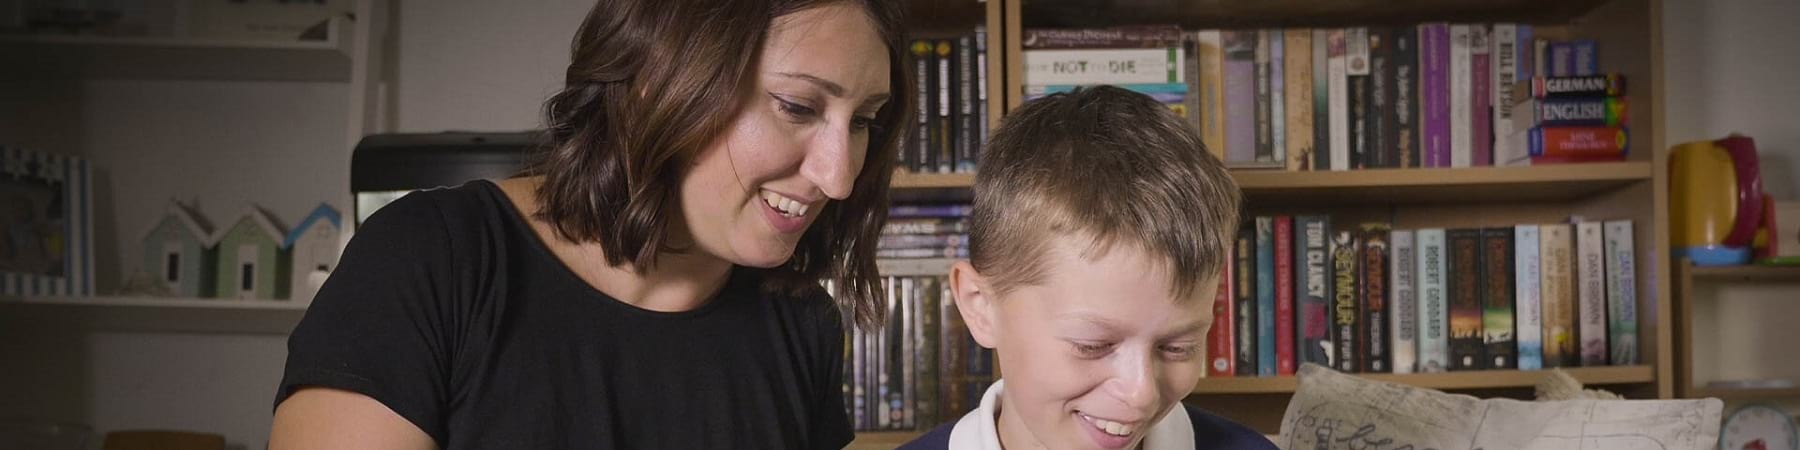 Una mamma e suo figlio leggono insieme un libro seduto sul divano di casa